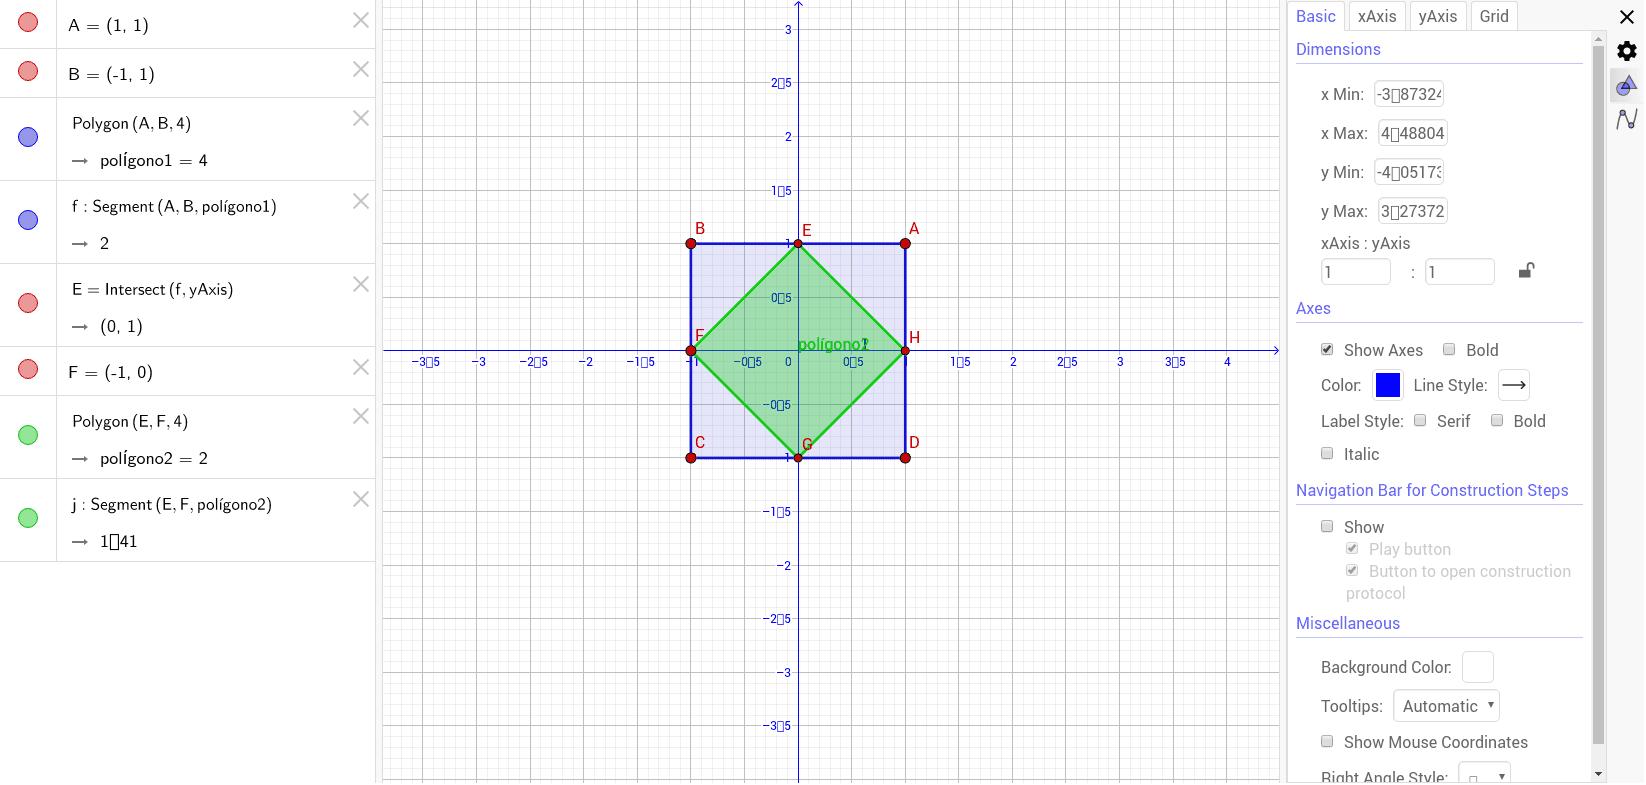 Dado el cuadrado ABCD, multiplicamos cada uno de sus vértices por un determinado número complejo, obteniéndose el cuadrado EFGH. ¿Cuál ha sido dicho número?